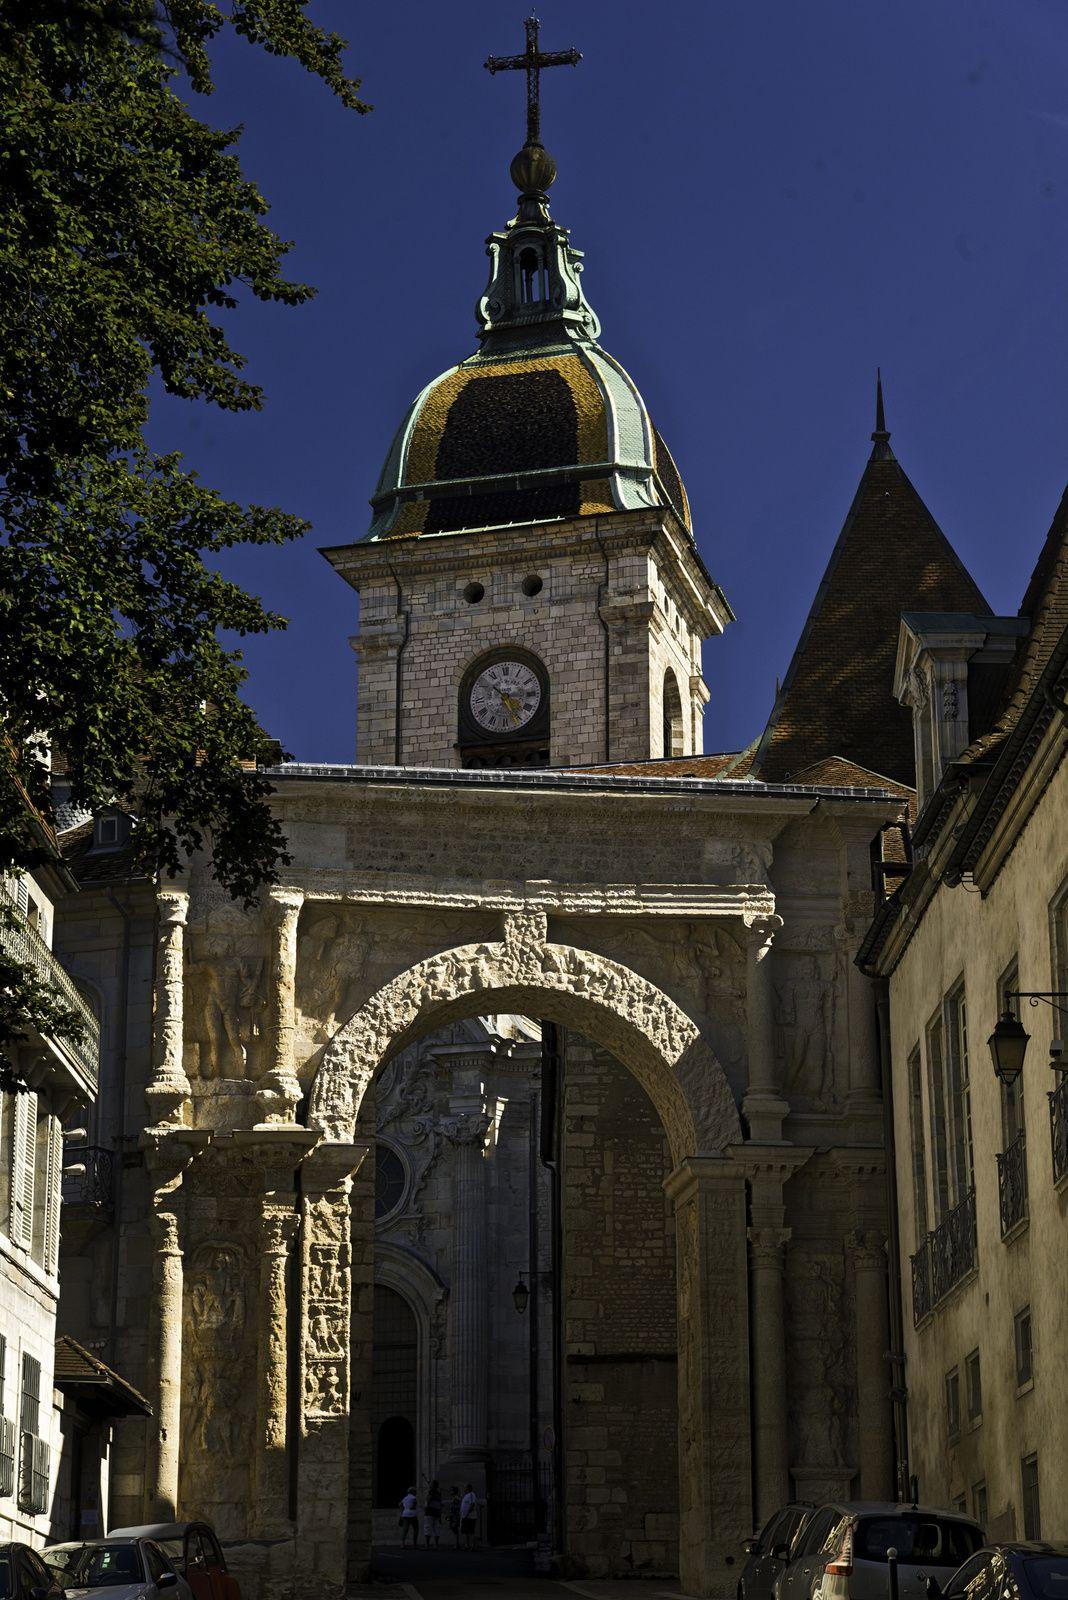 Eglises et clochers Comtois